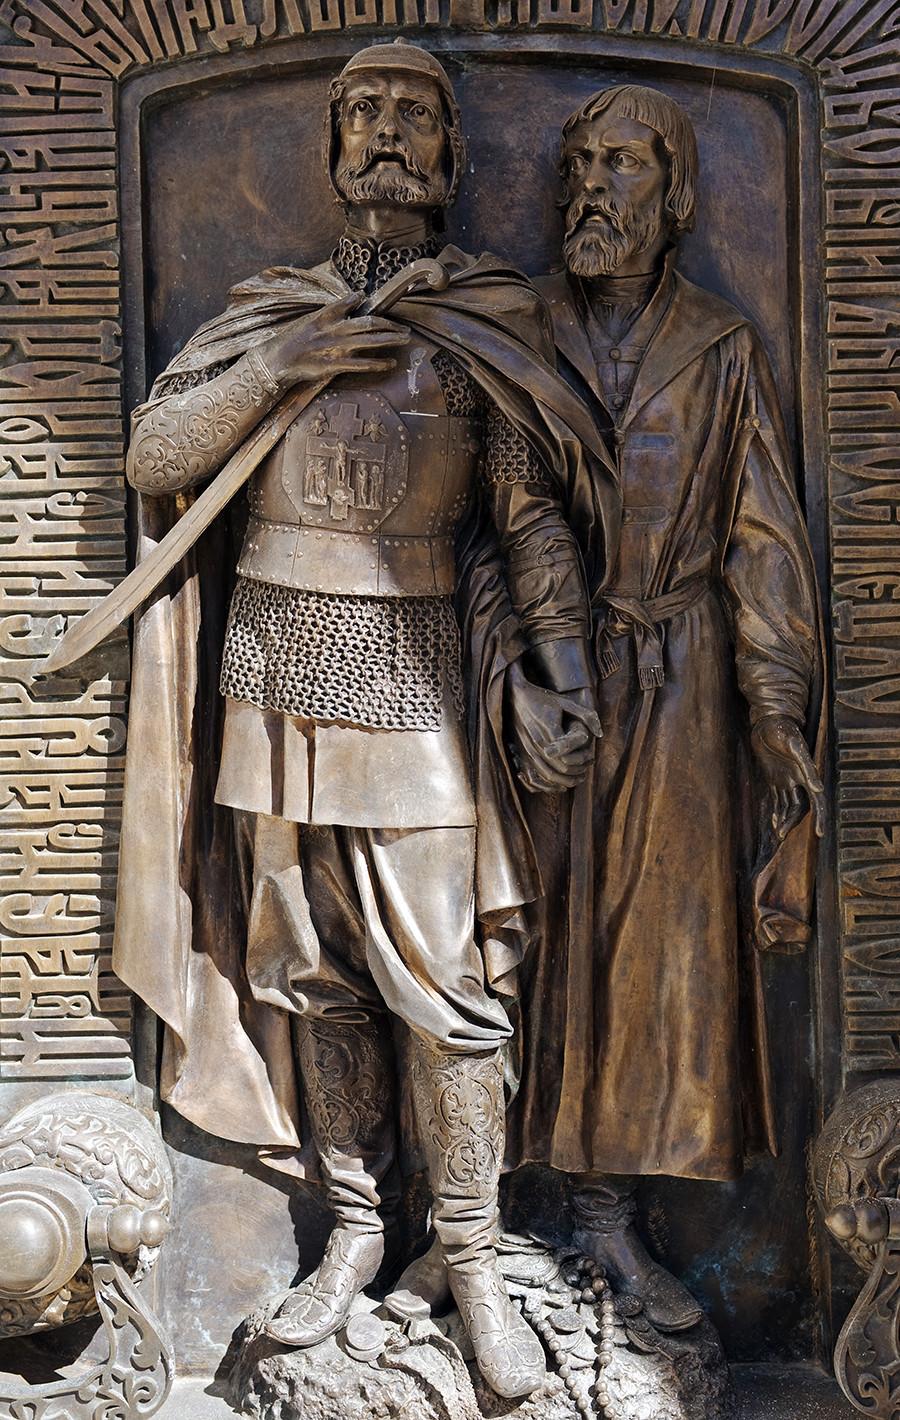 Rússia, Súzdal, Monastério do Santo Efime. relevo em bronze retratando Pojárski e Mínin na porta da capelinha que abriga o túmulo de Pojárski.